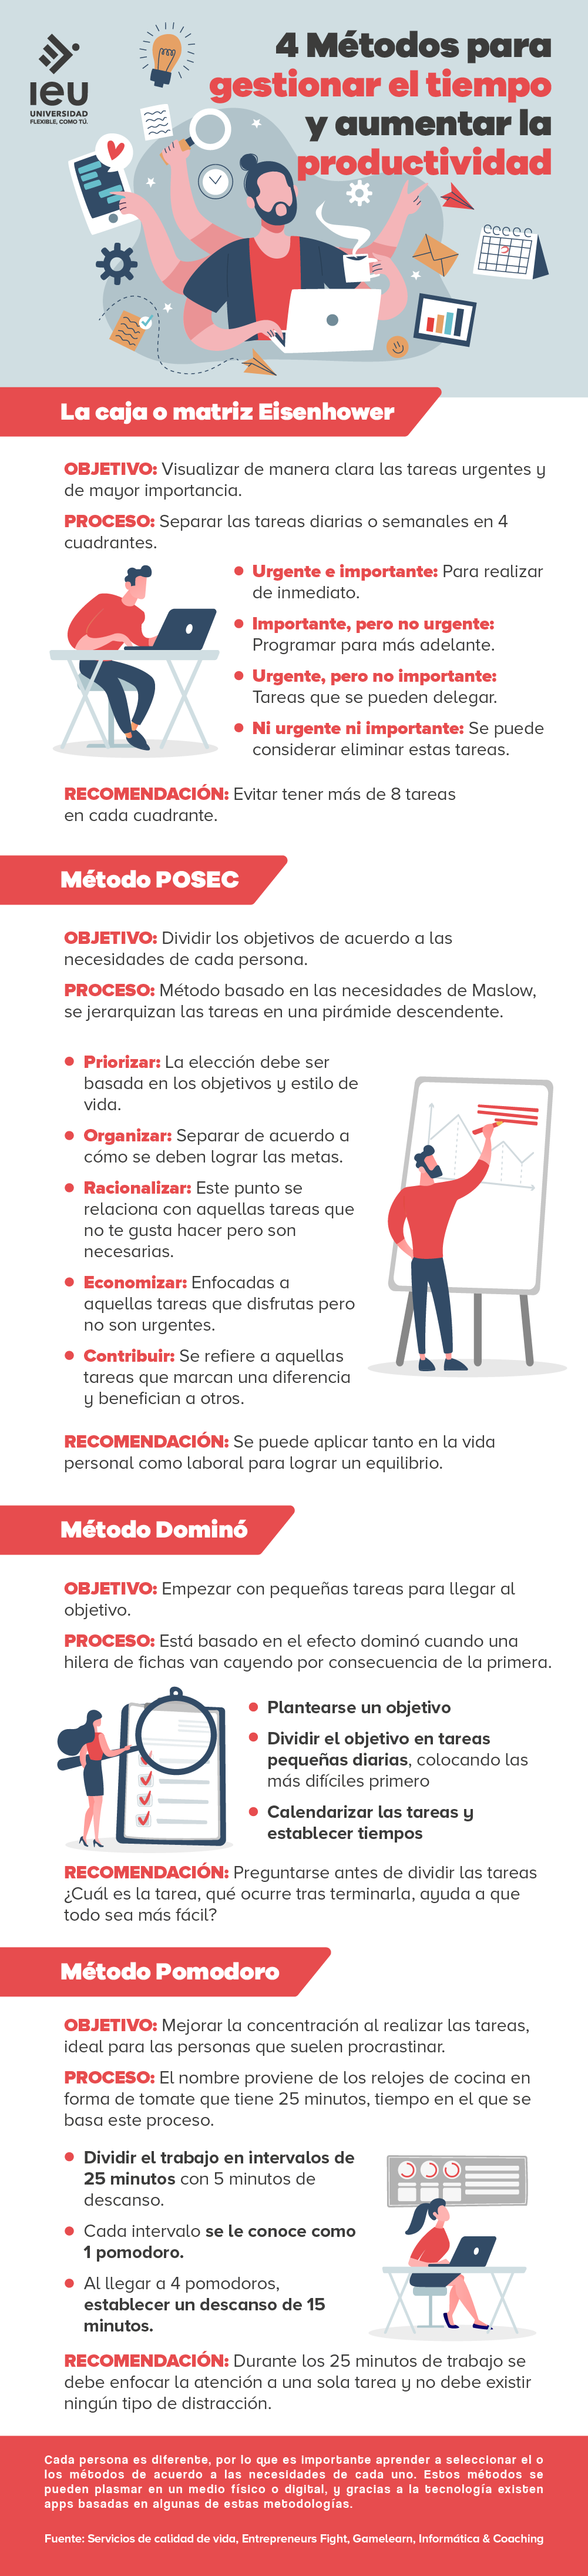 4 métodos para gestionar el tiempo y aumentar la productividad infografia (1)